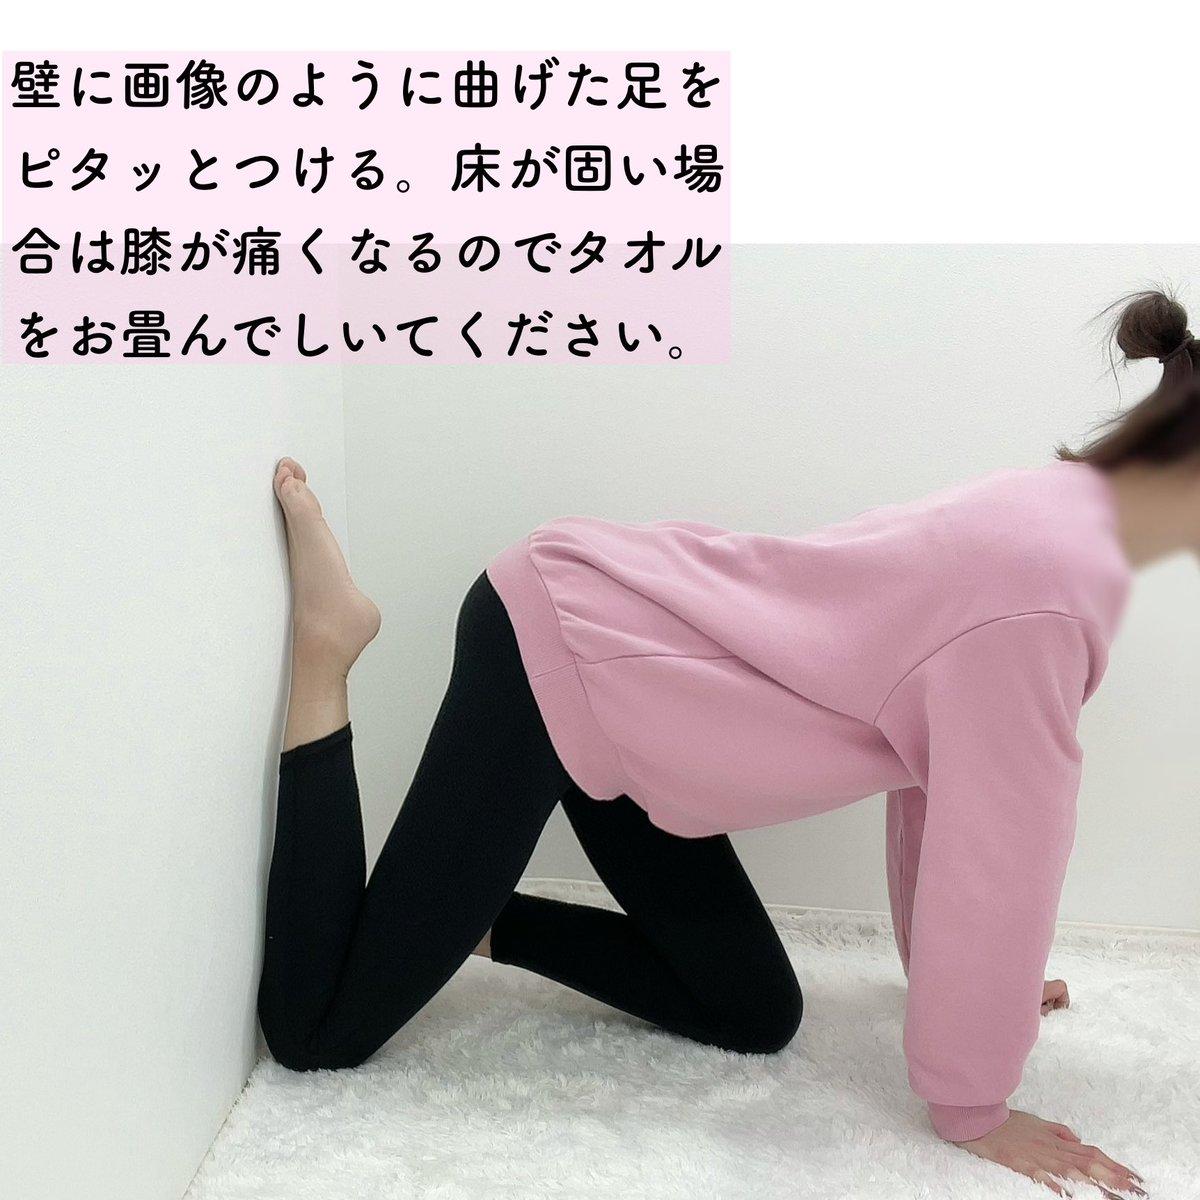 前腿の張りが気になる人はやってみて!太腿のつまりをほぐすと改善されるよ!